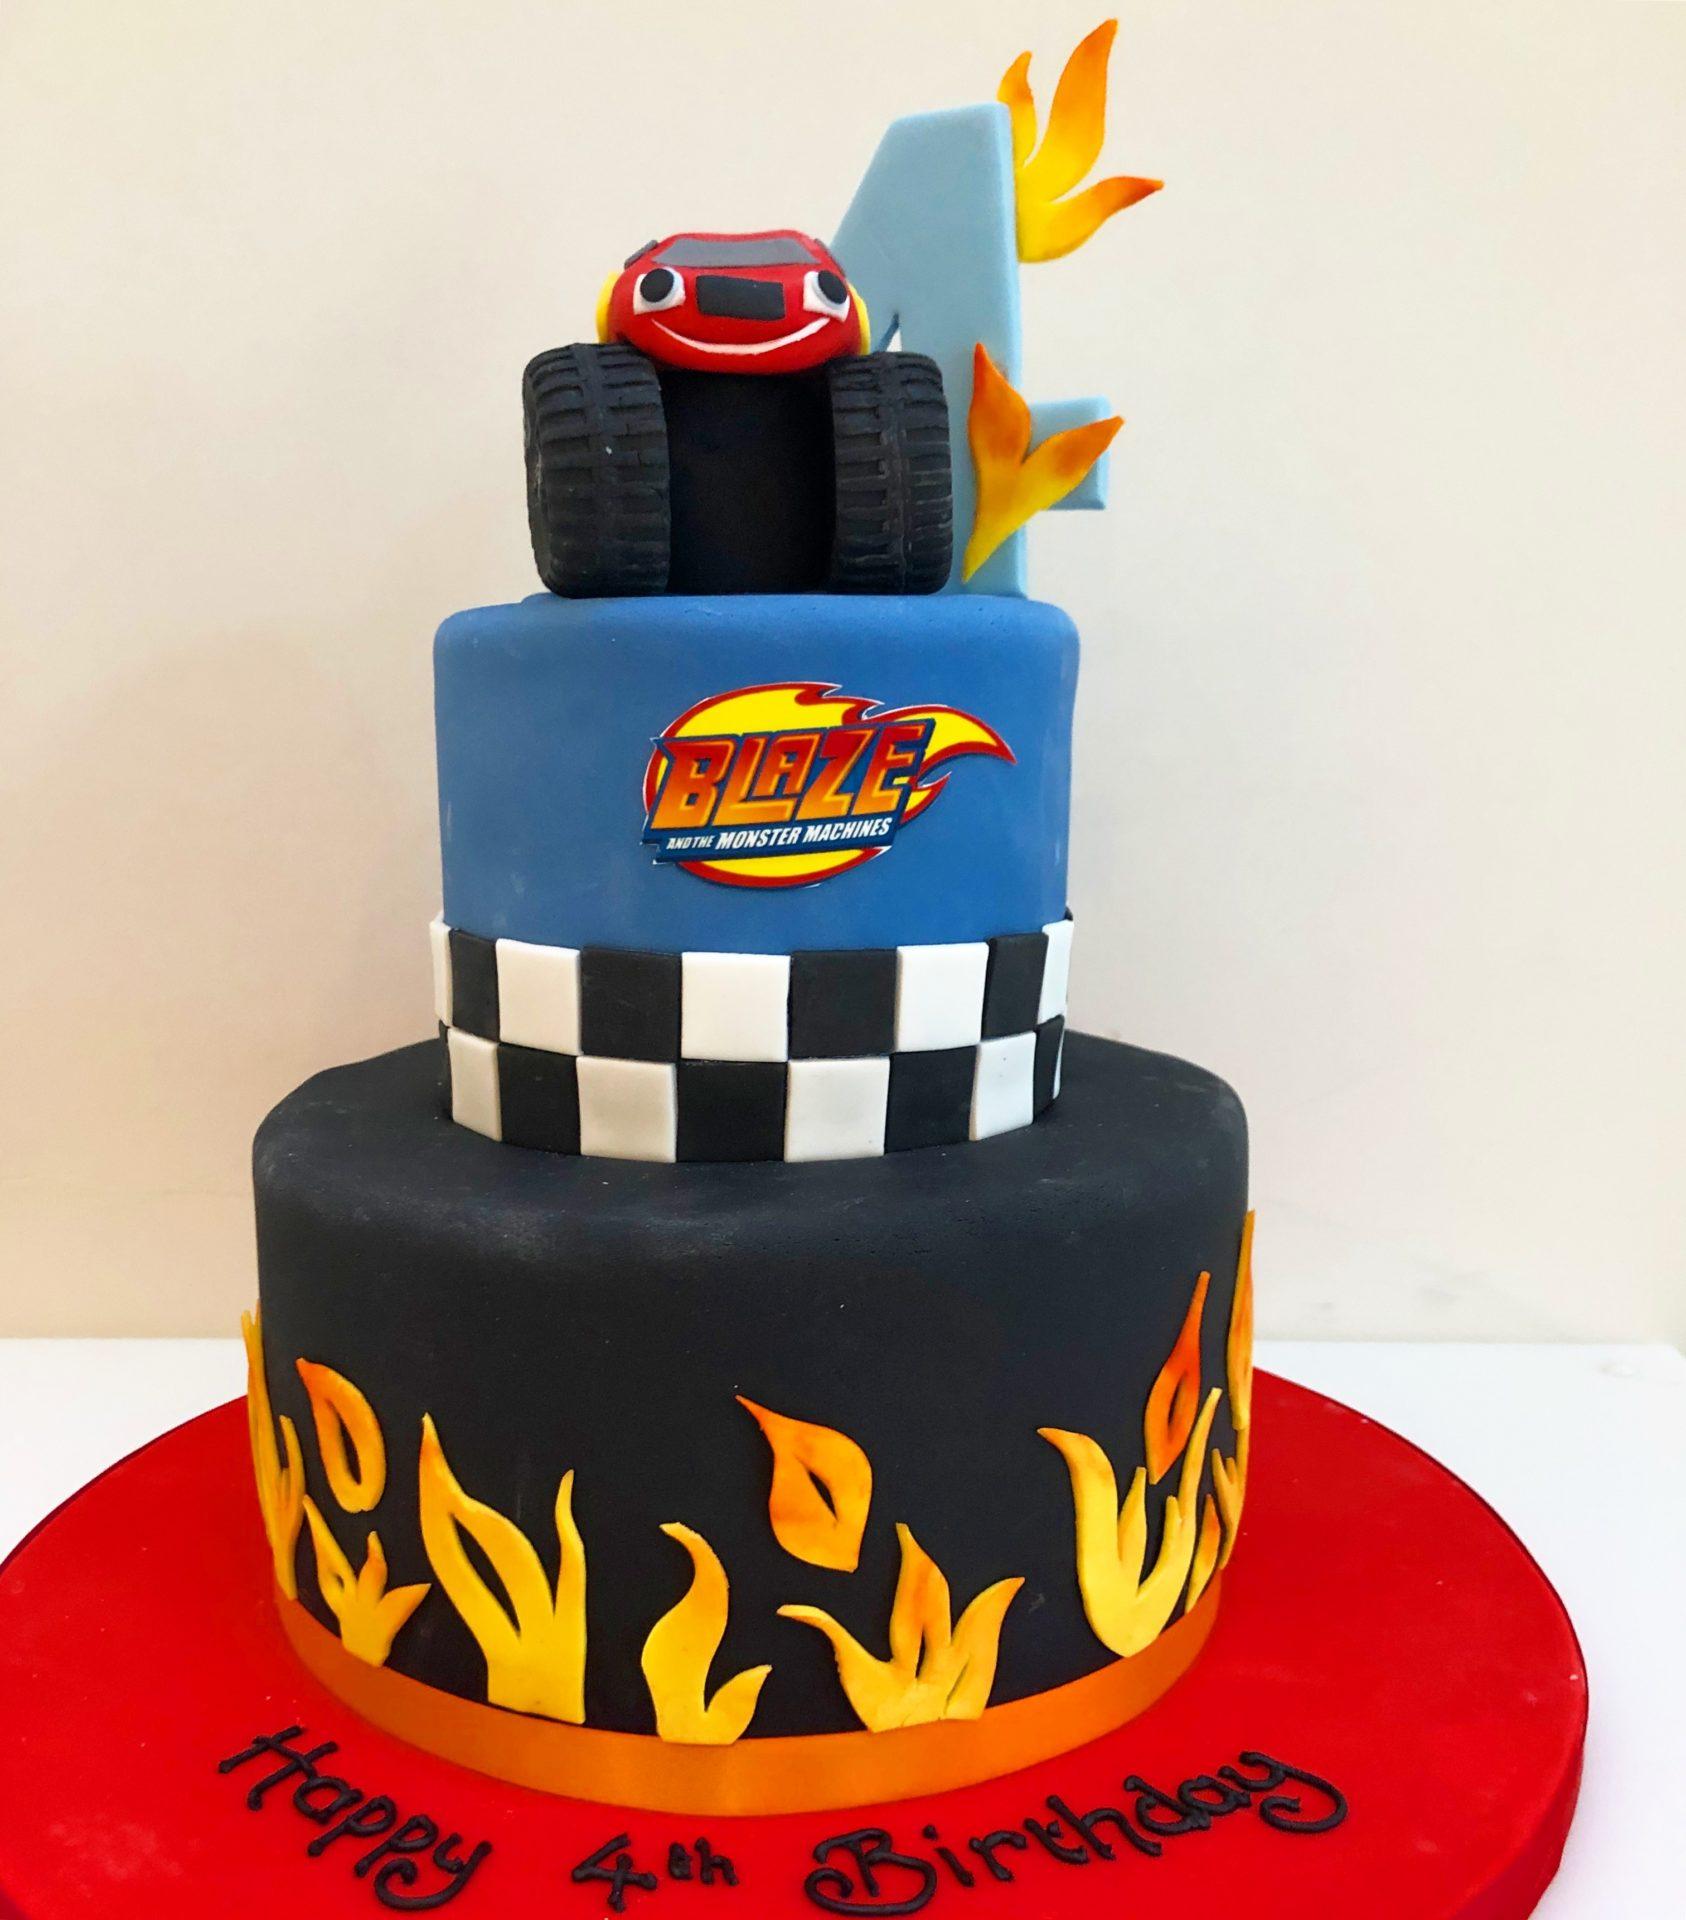 Strange Monster Truck Birthday Cake Etoile Bakery Birthday Cards Printable Opercafe Filternl